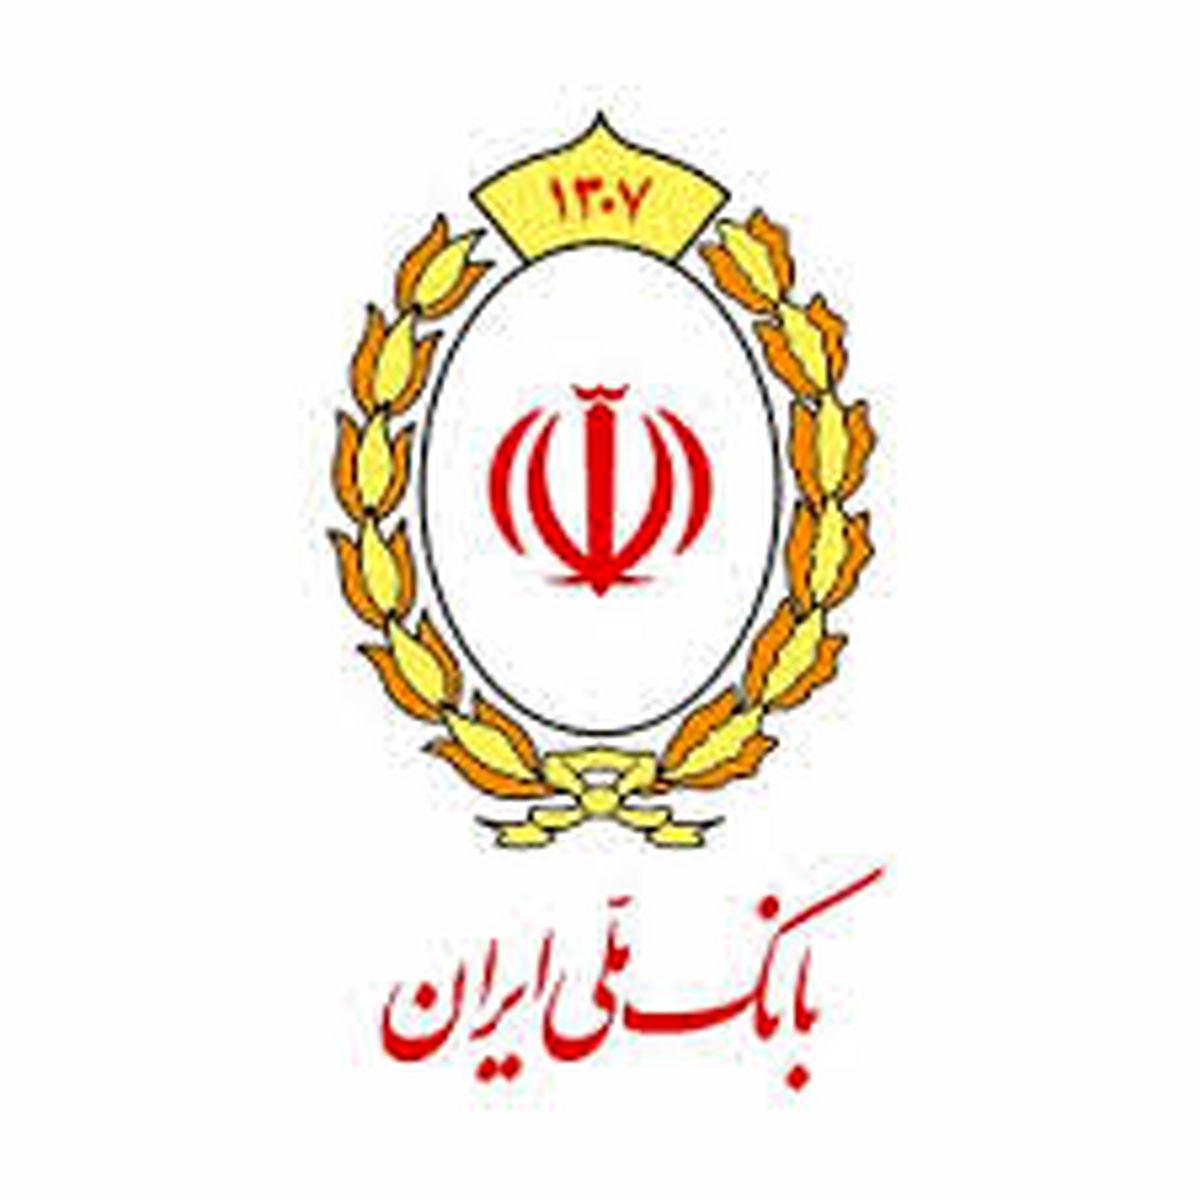 بیانیه بانک ملی ایران در خصوص دعوت به مشارکت حداکثری در انتخابات